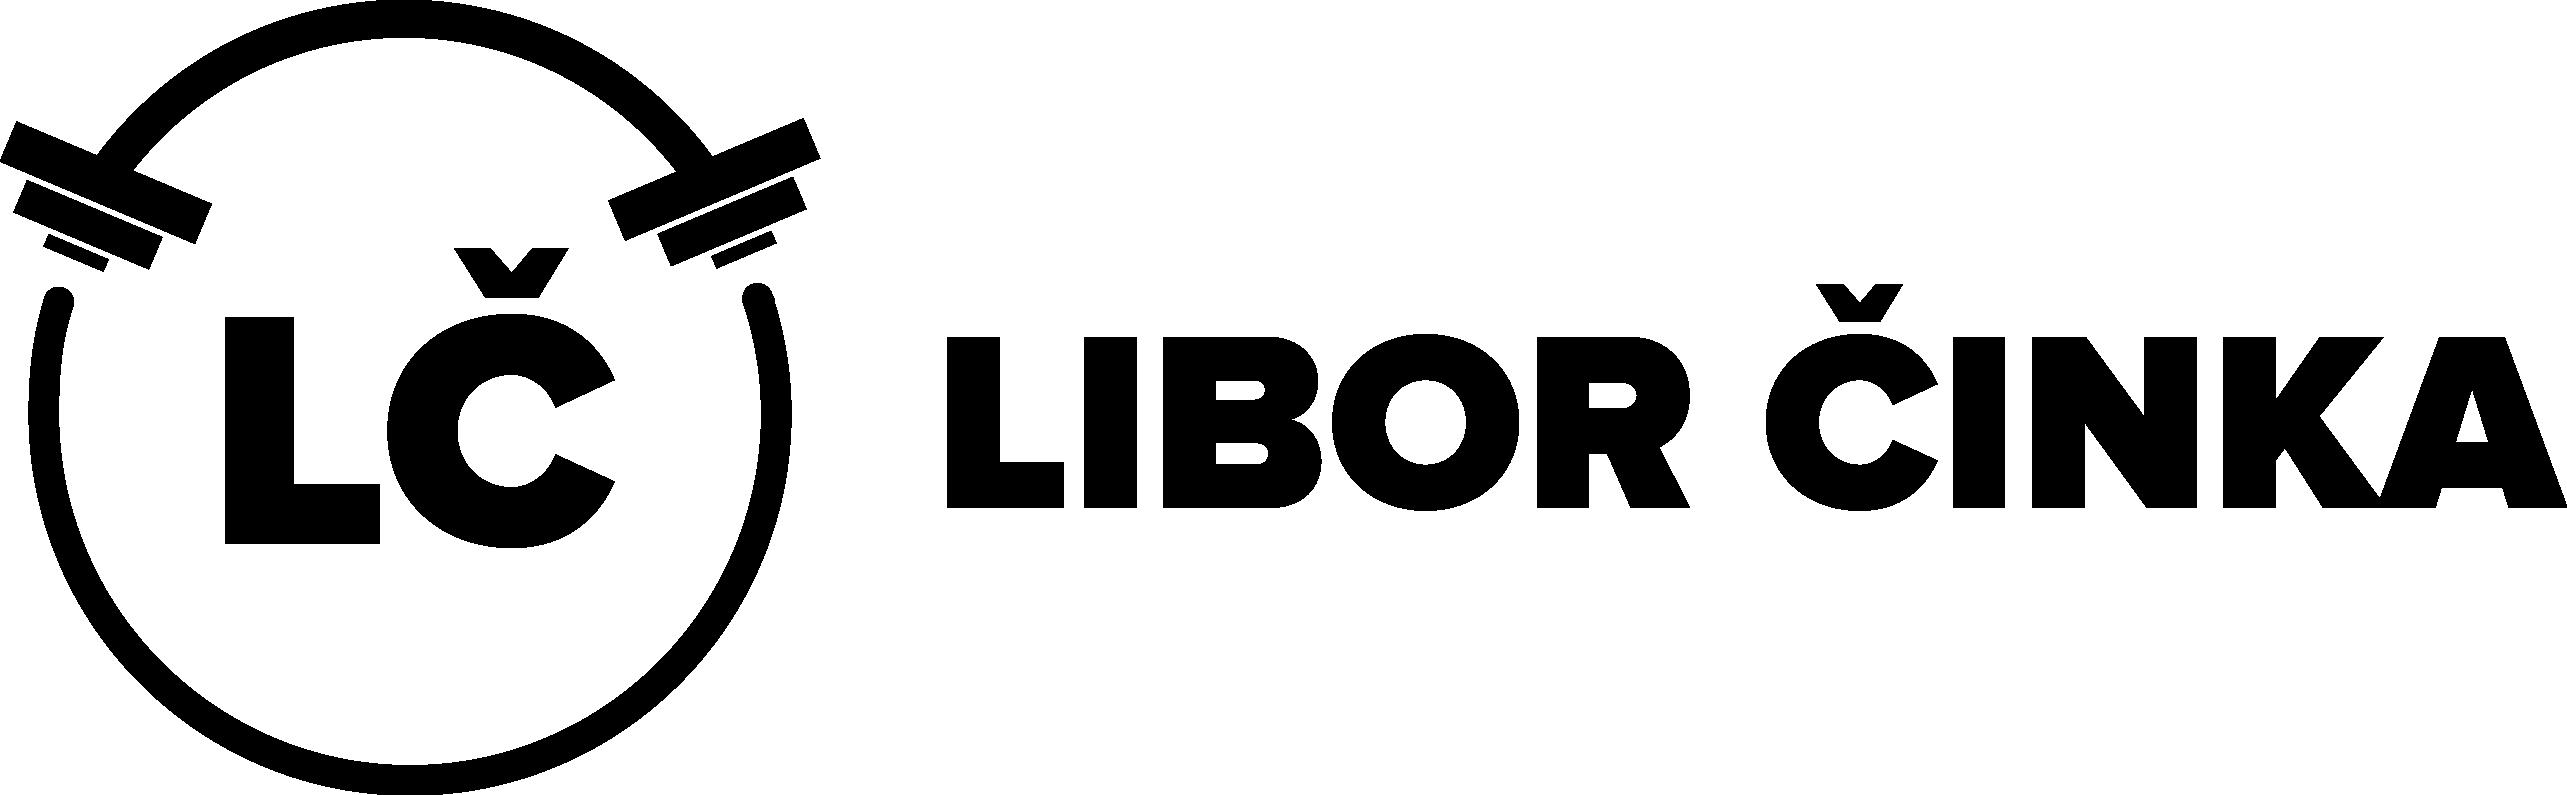 Hypnoterapeut Libor Činka